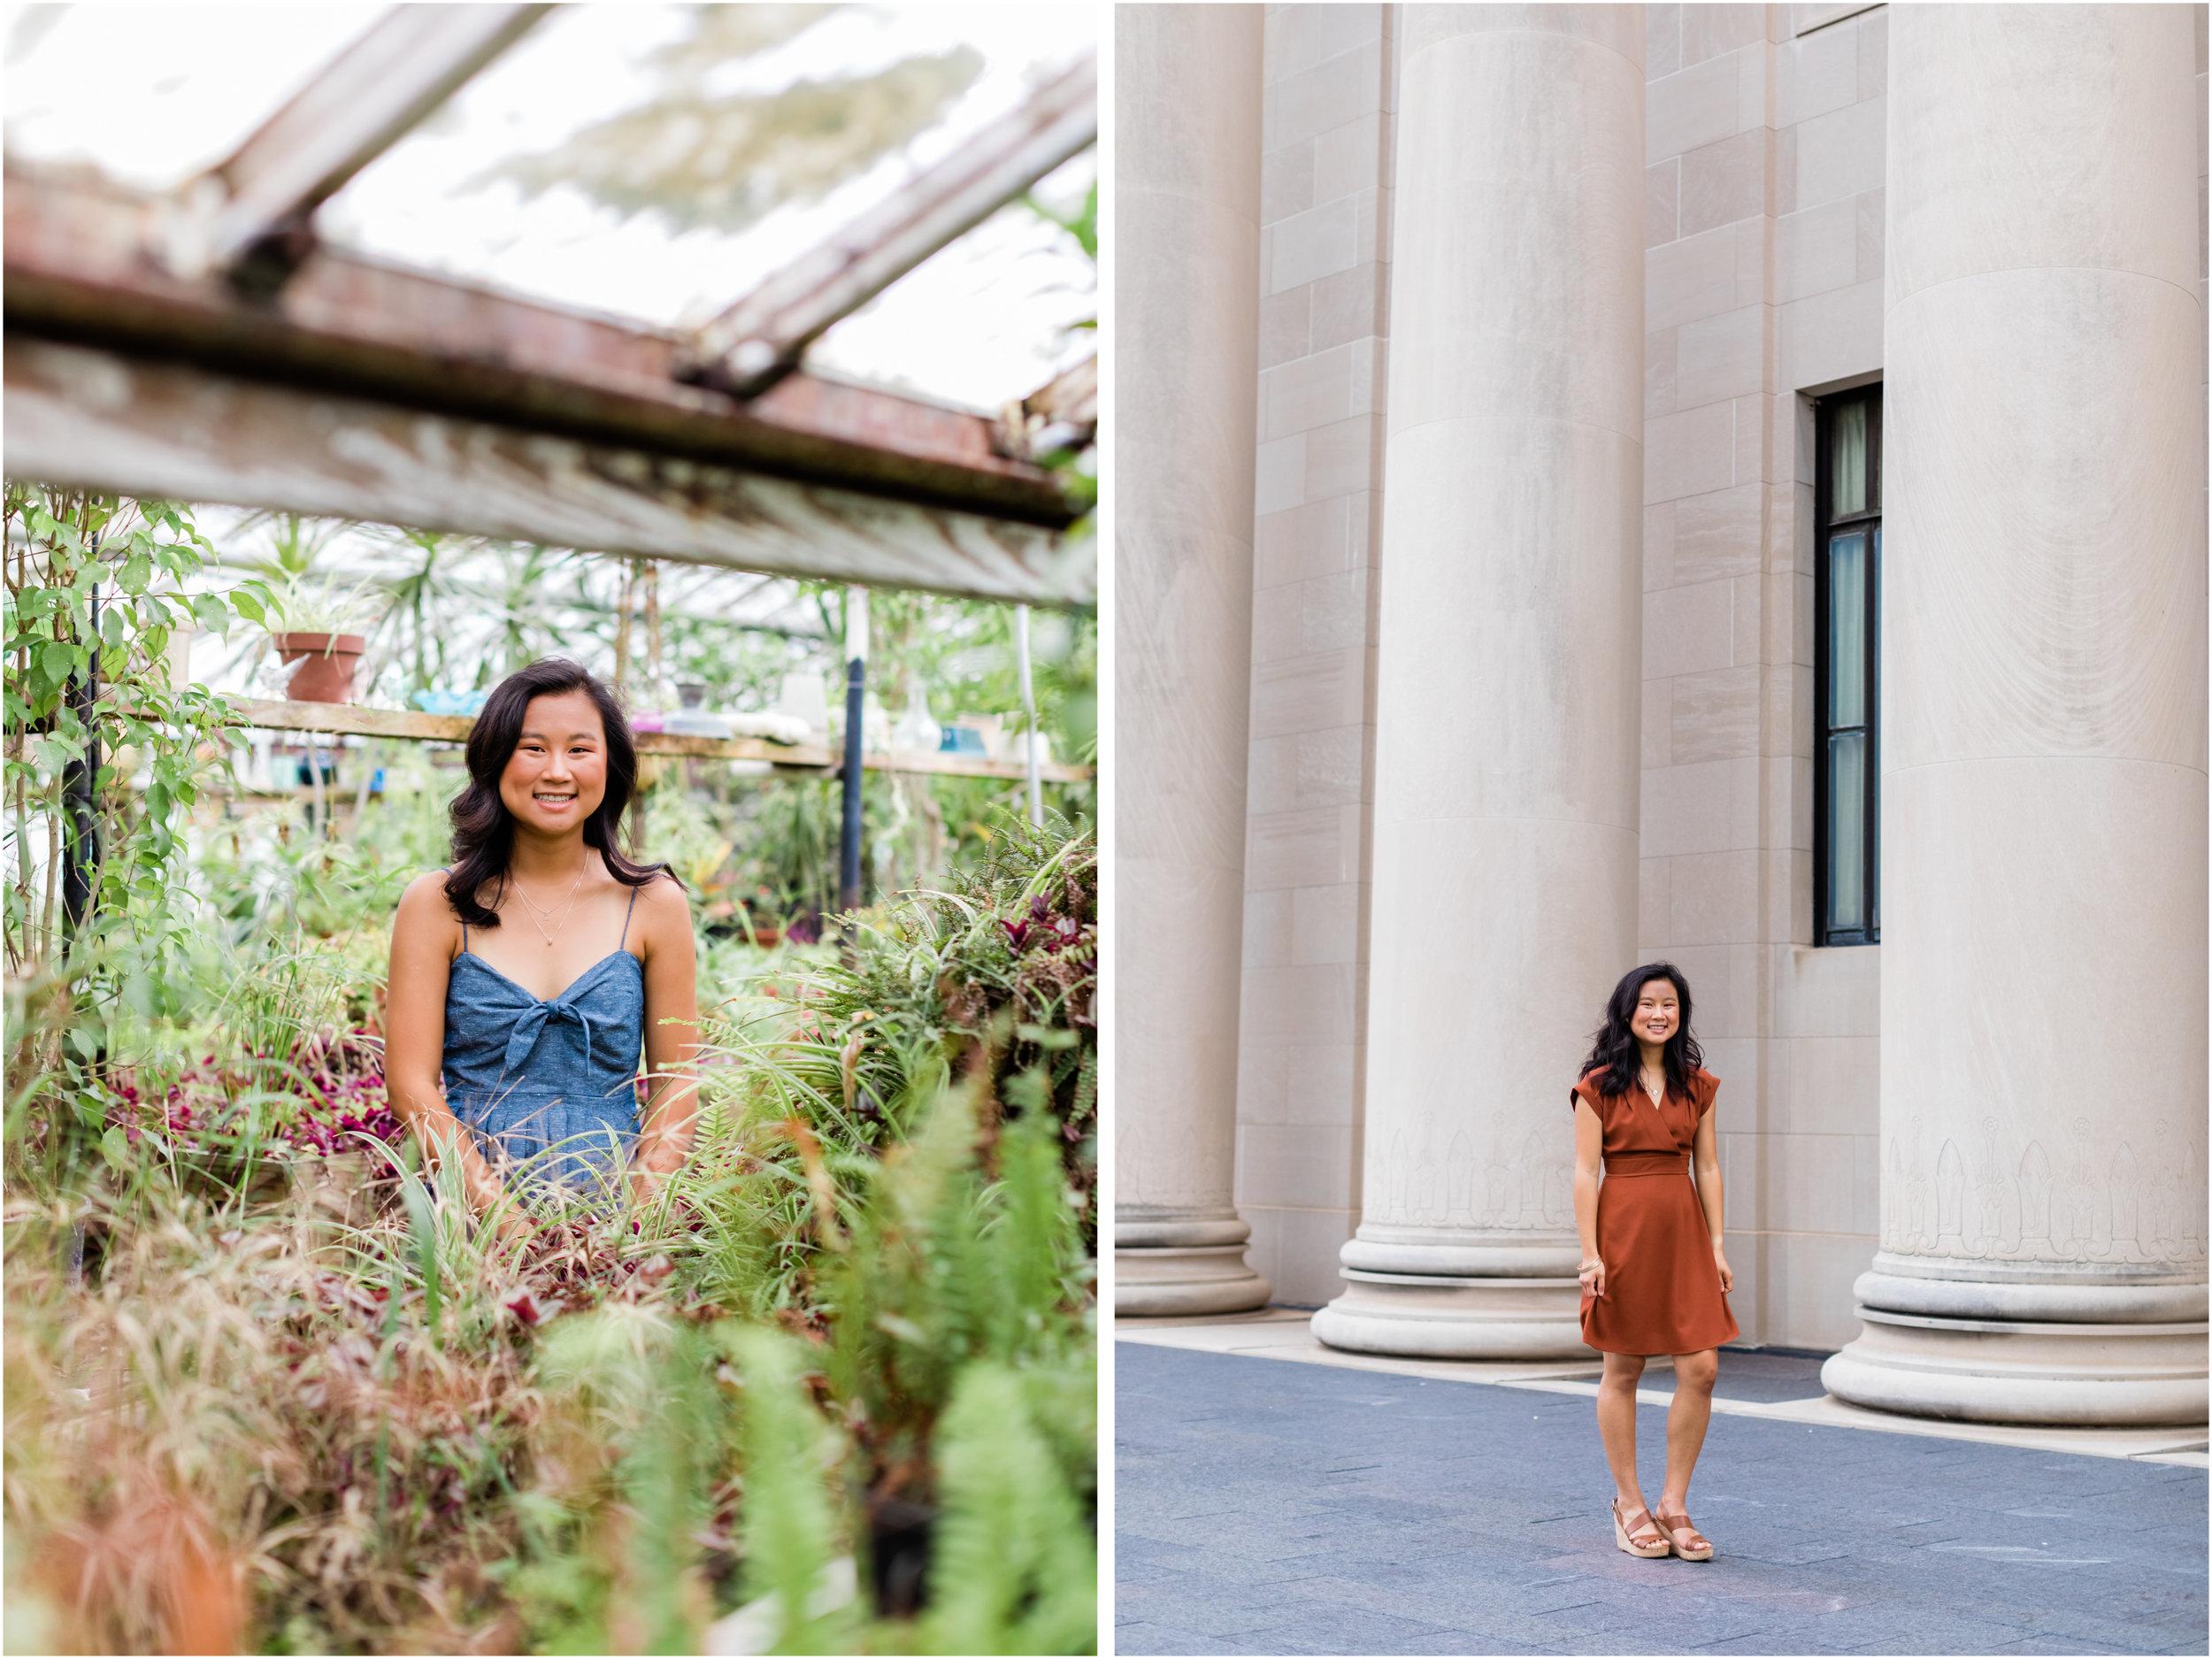 kansas city greenhouse senior photos 15.jpg